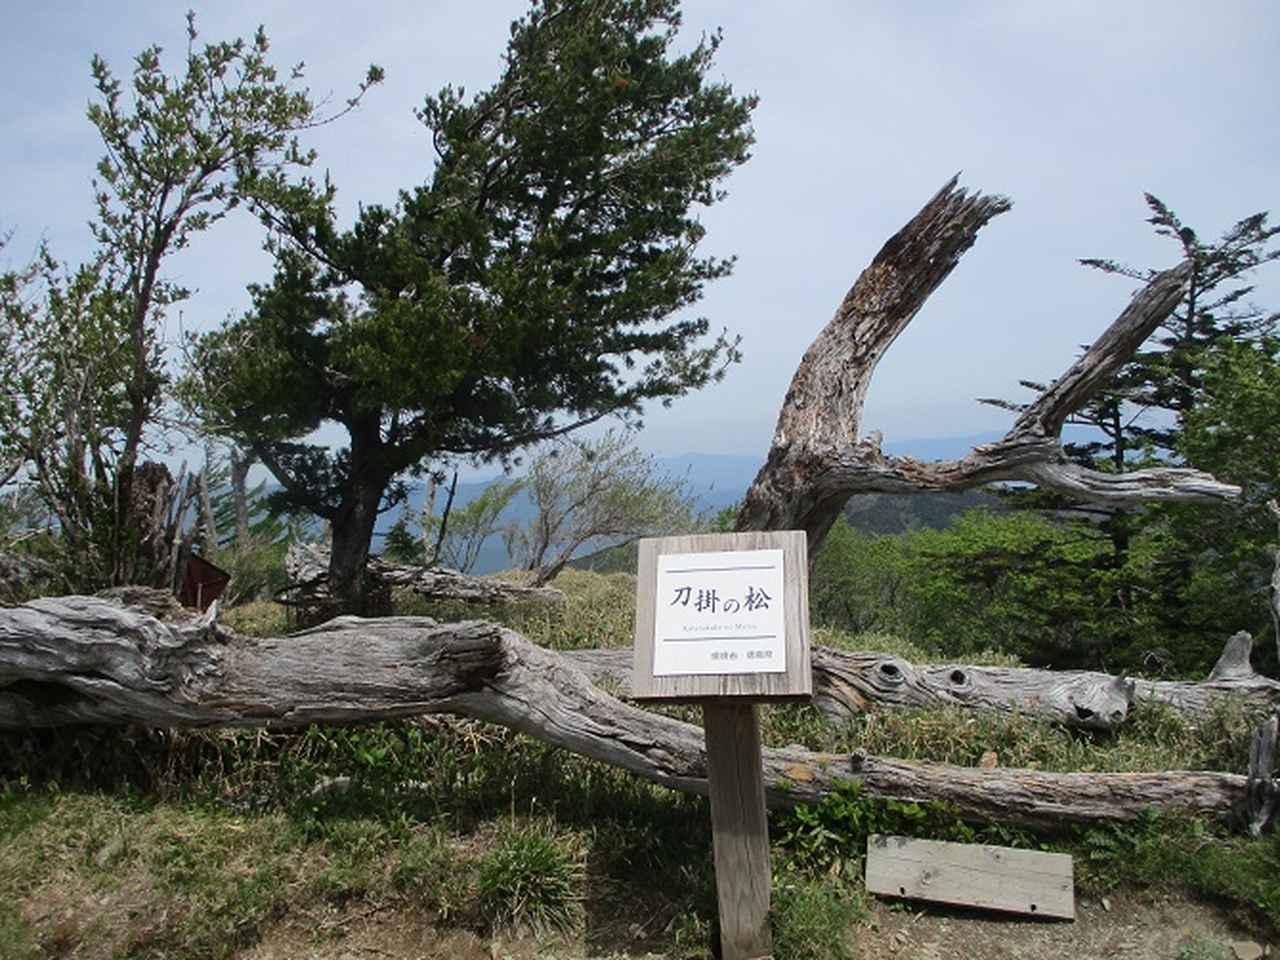 画像4: 5月28日より2泊3日で山旅会 「石鎚山と剣山」 ツアーに行ってきました!